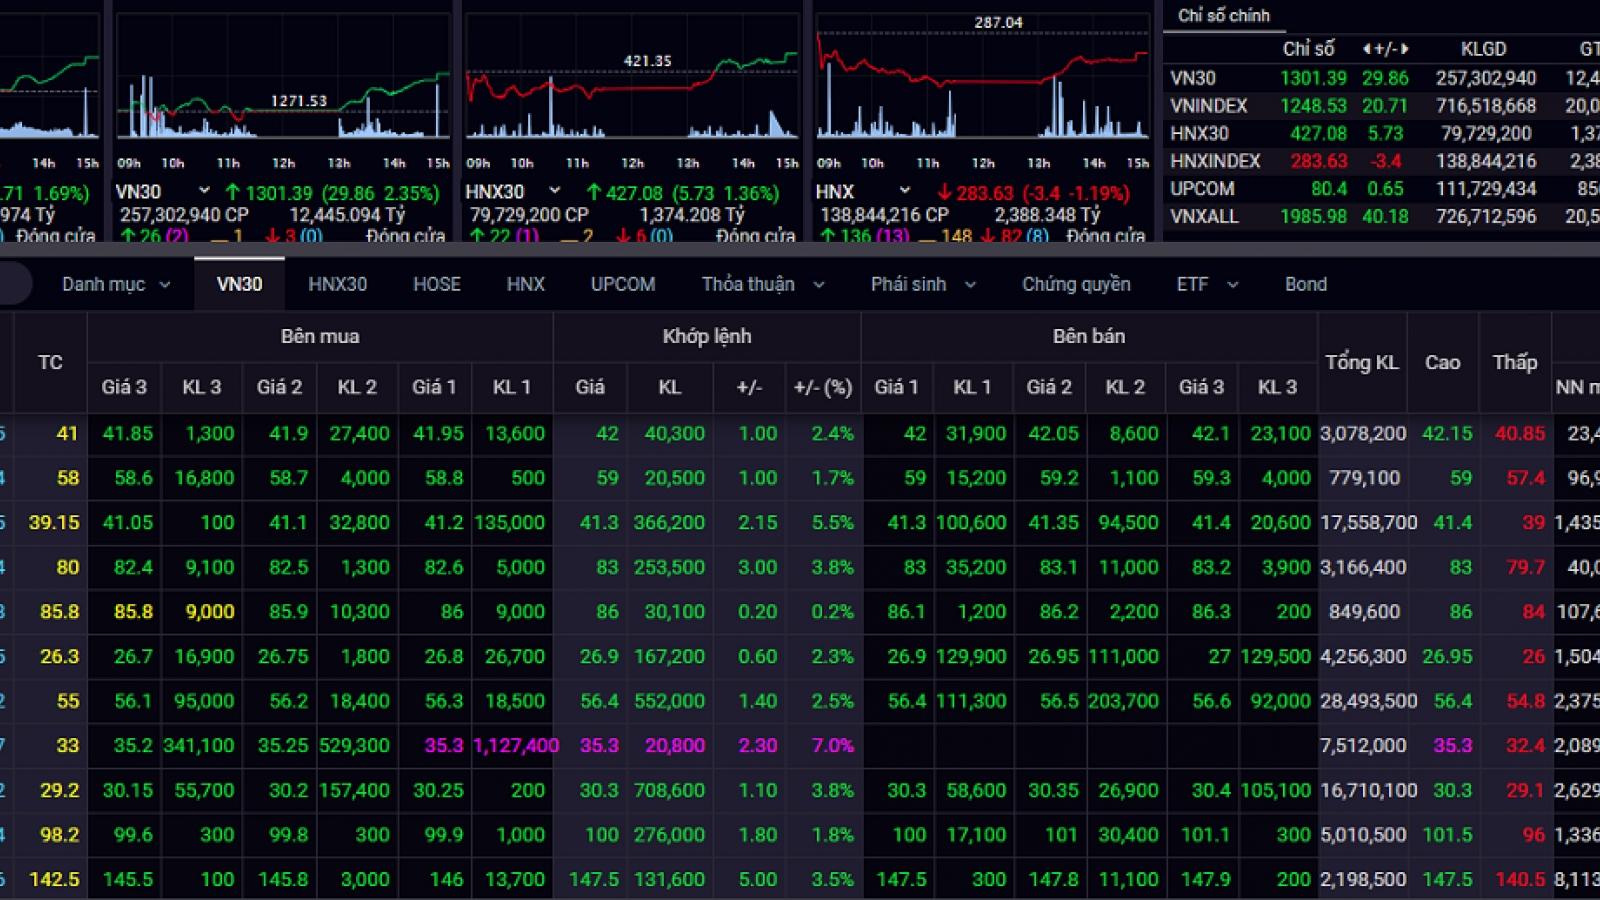 Nhóm cổ phiếu ngân hàng ngân hàng khởi sắc, VN-Index tăng hơn 20 điểm